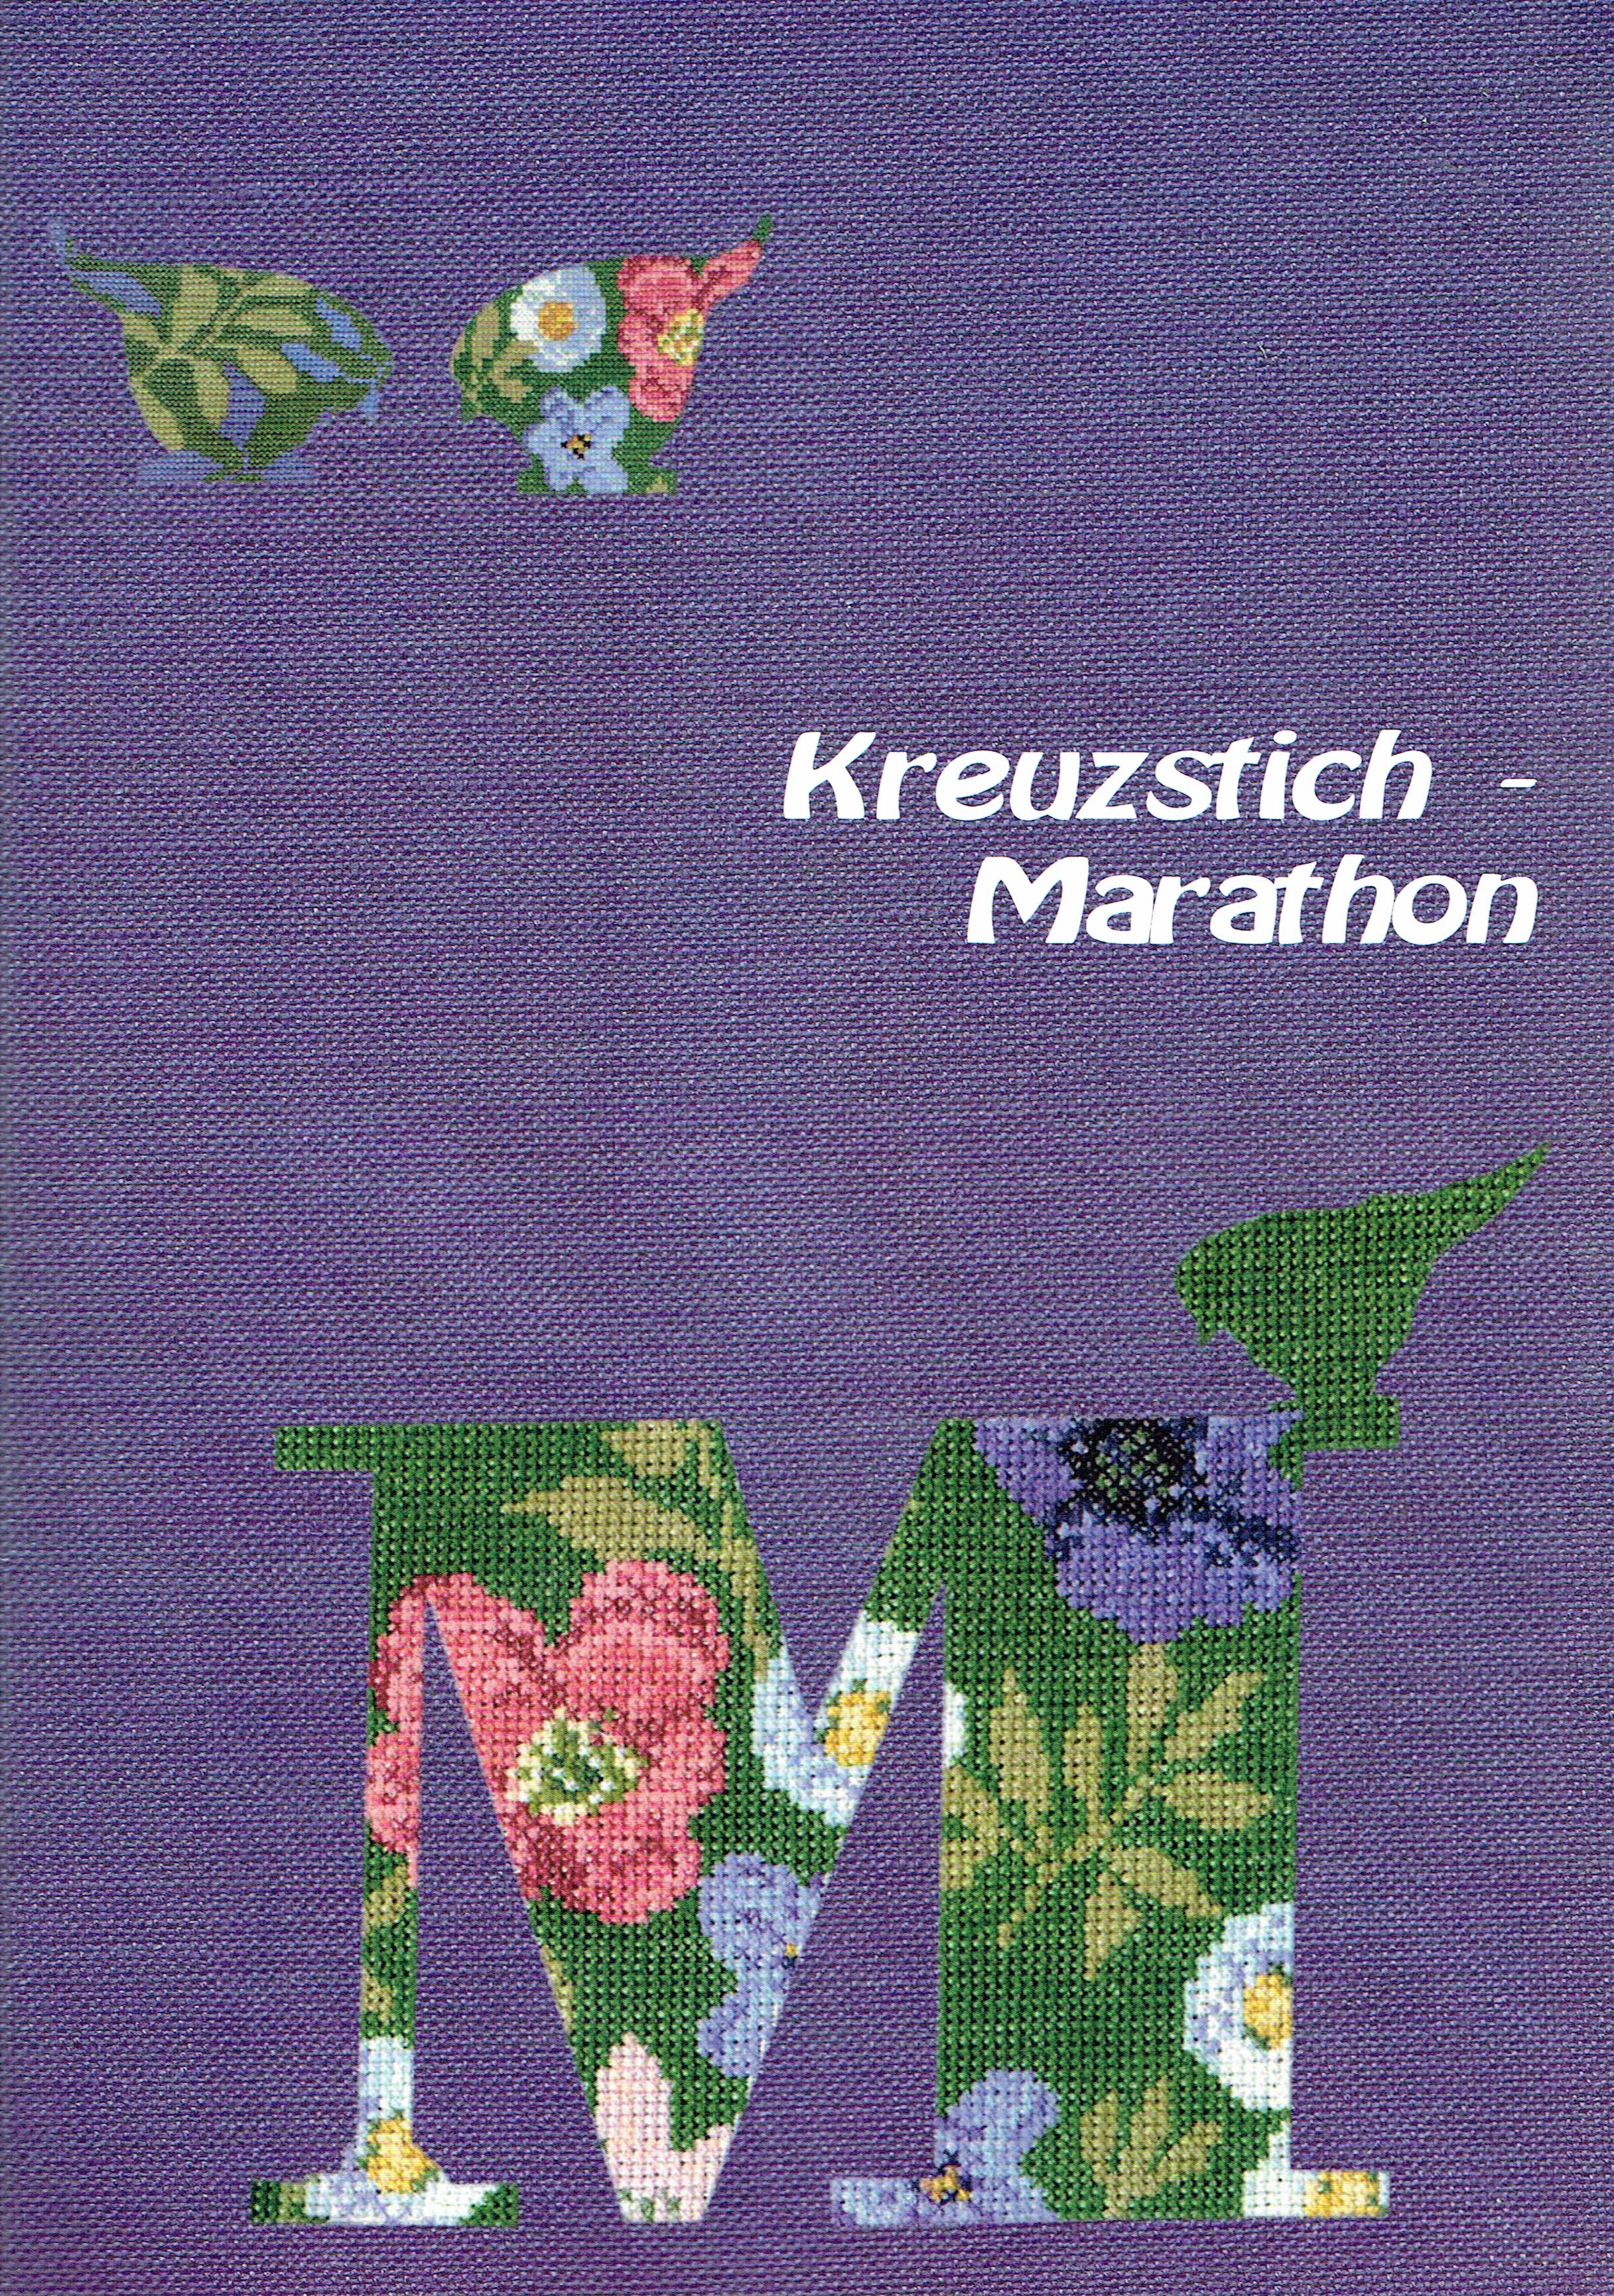 MWi - Kreuzstich Marathon